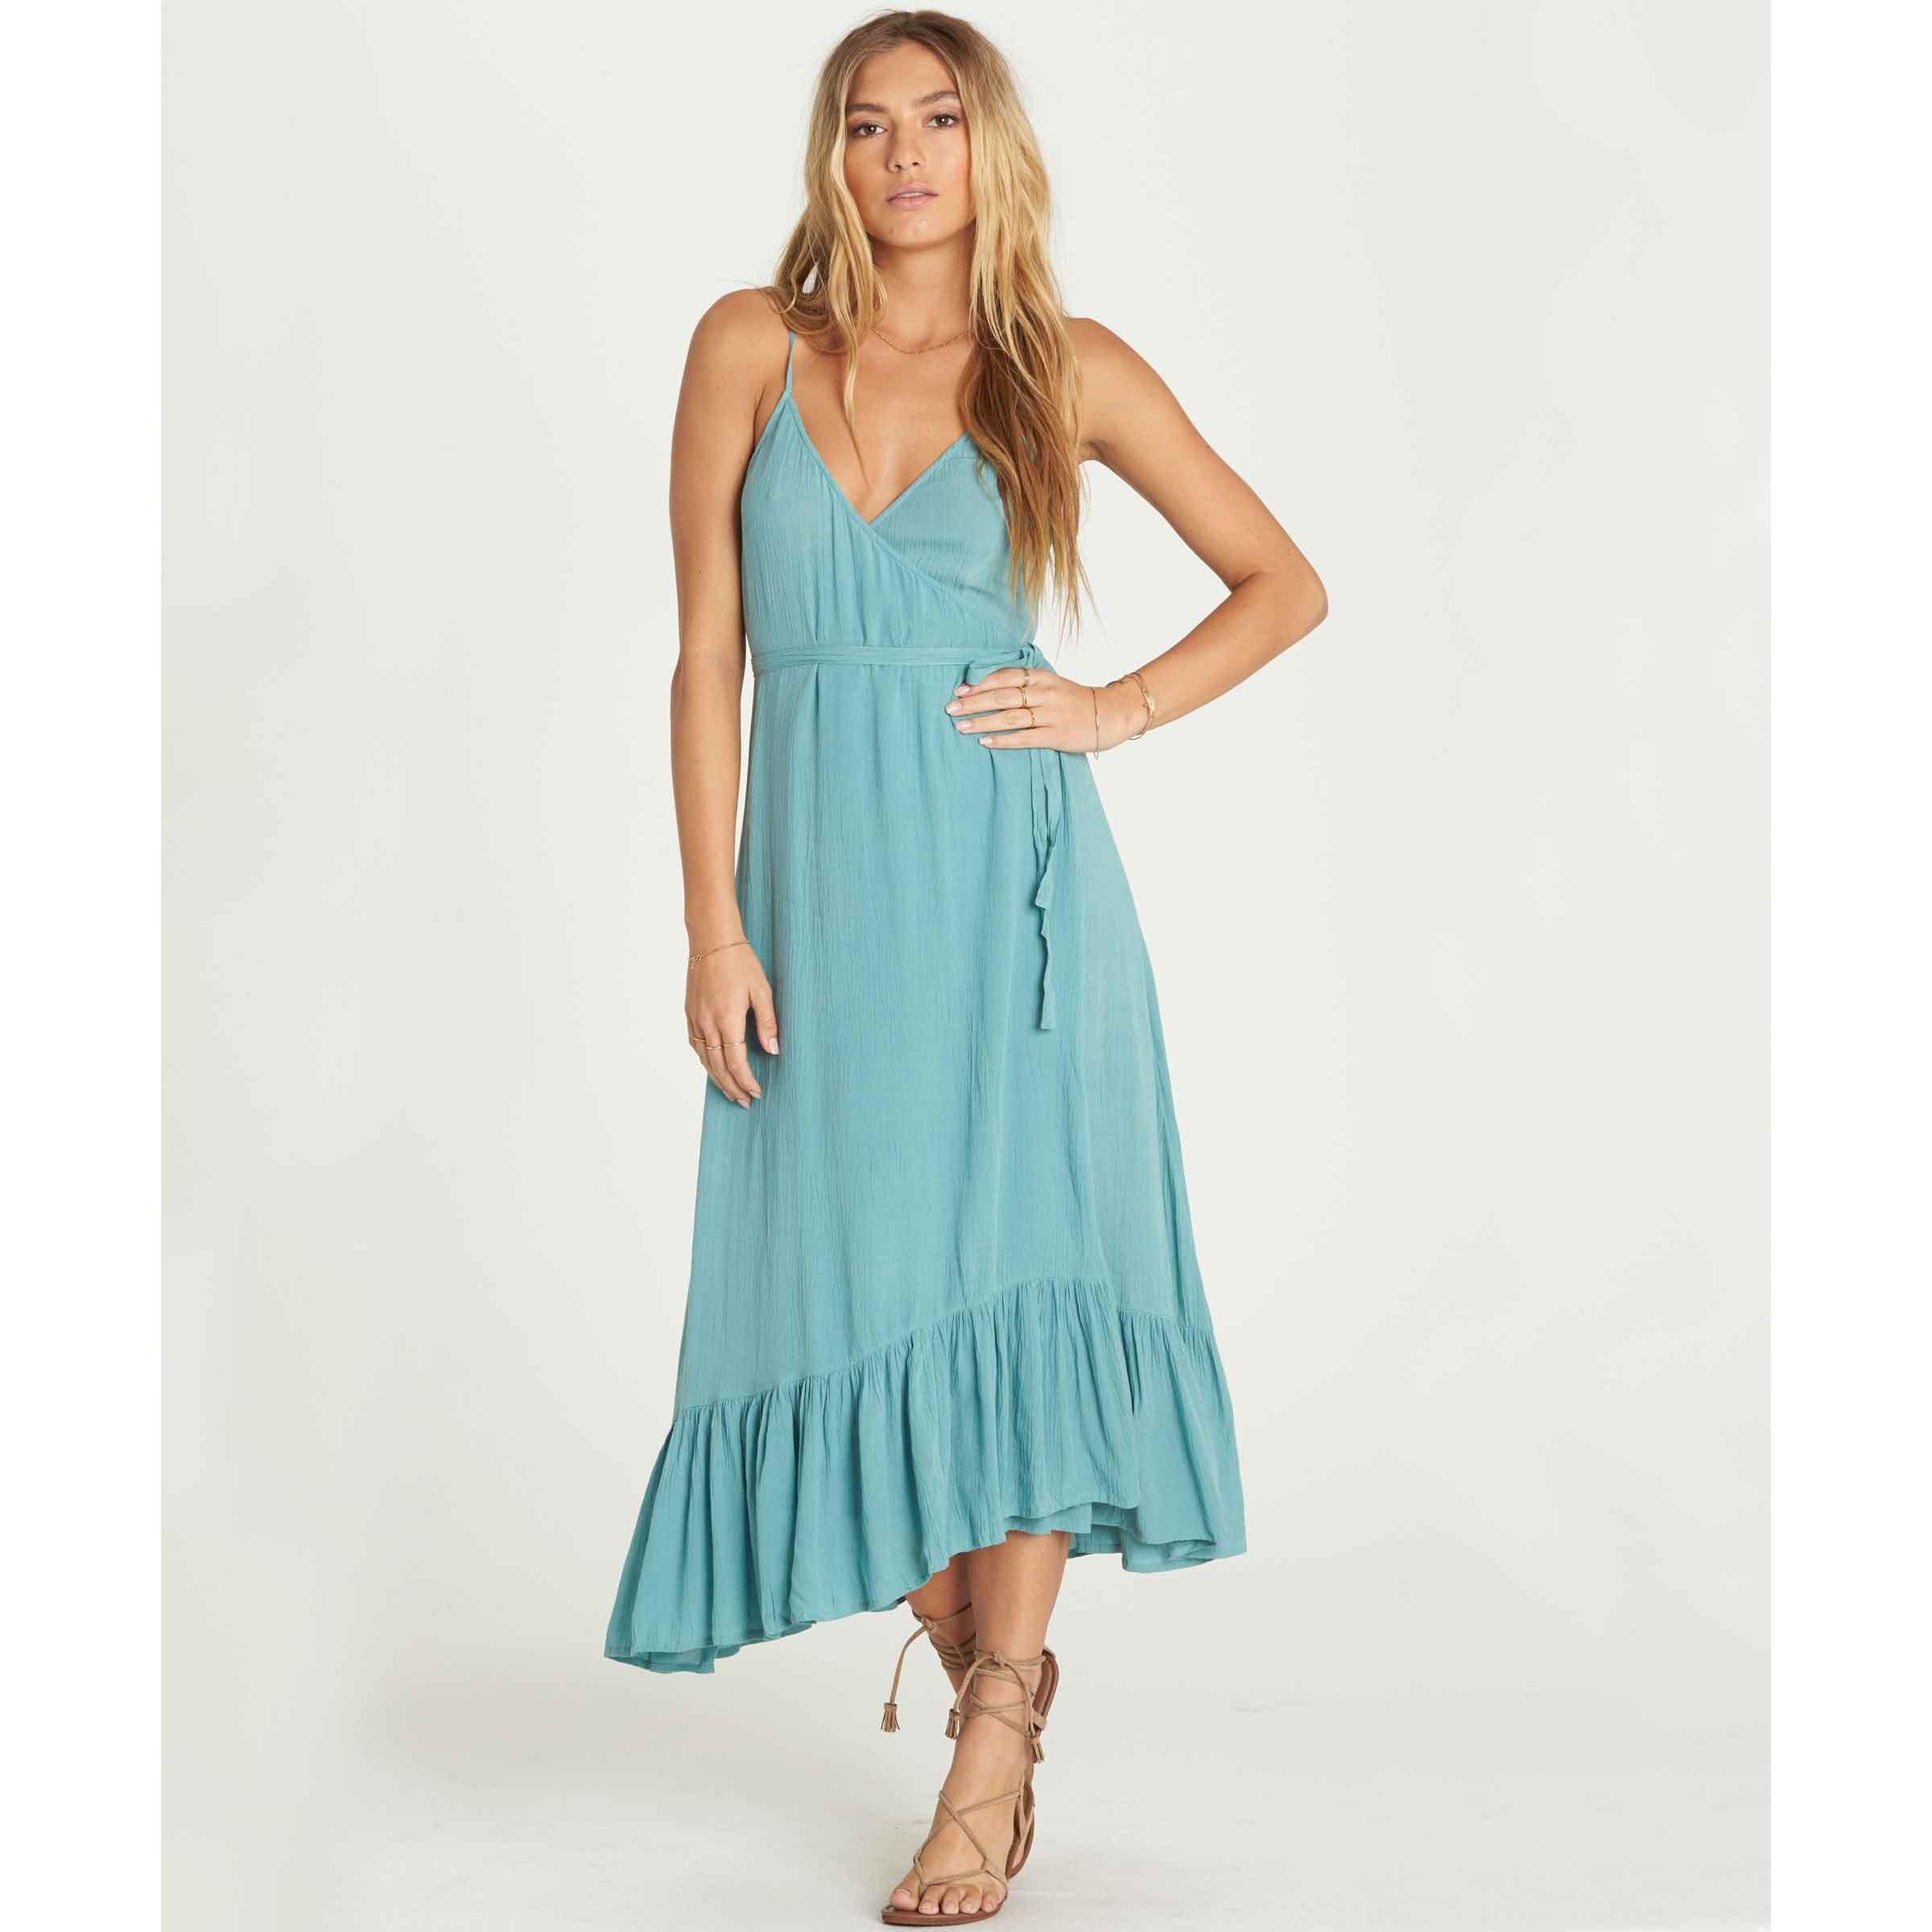 Billabong Women's Hold Me Tight Dress, Jungle, M